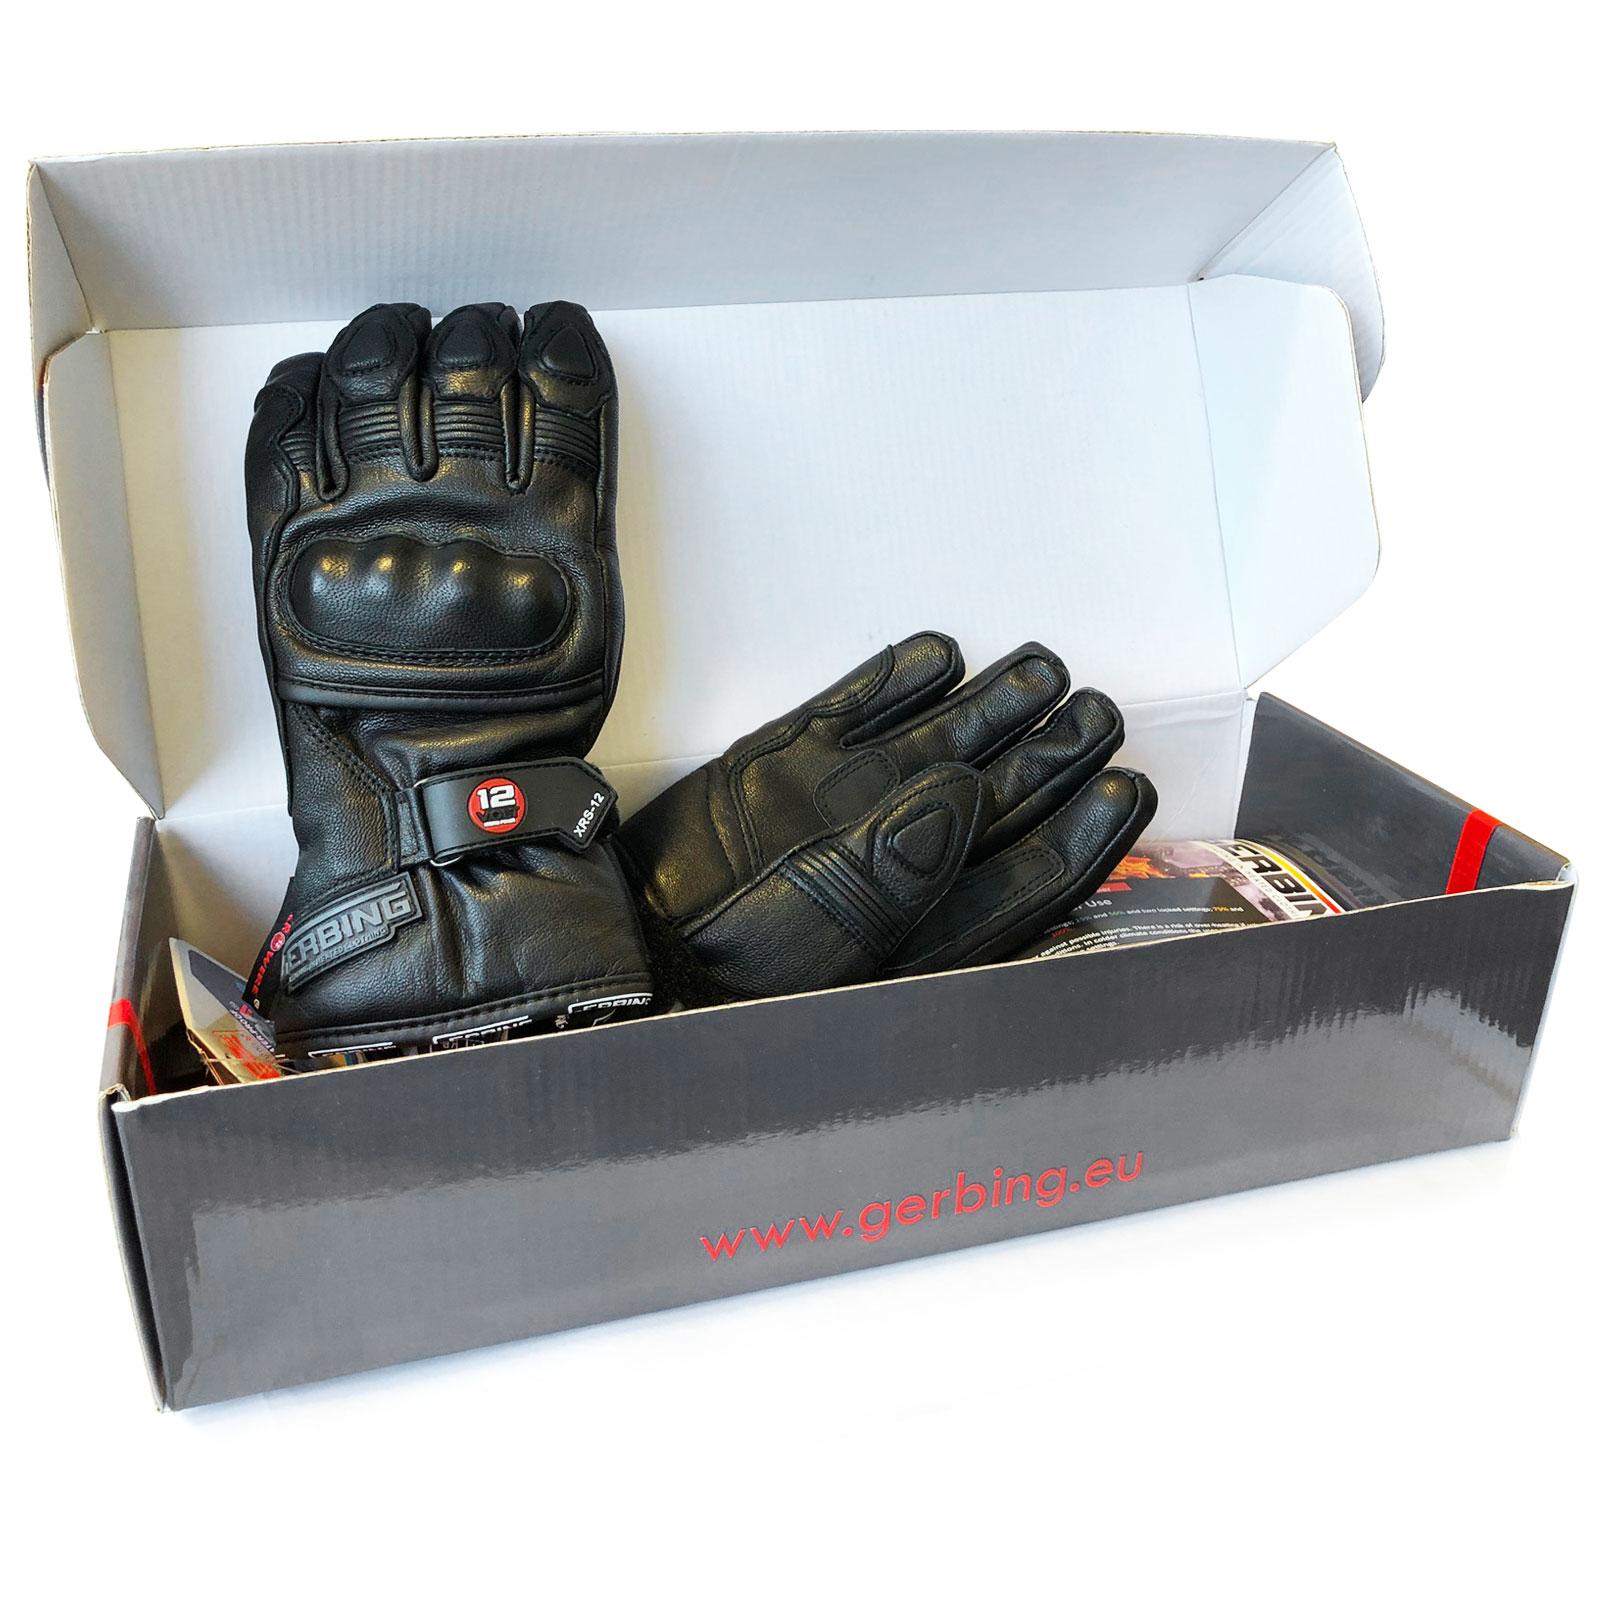 Gerbing Xrs12 Heated Motorcycle Gloves Waterproof Windproof